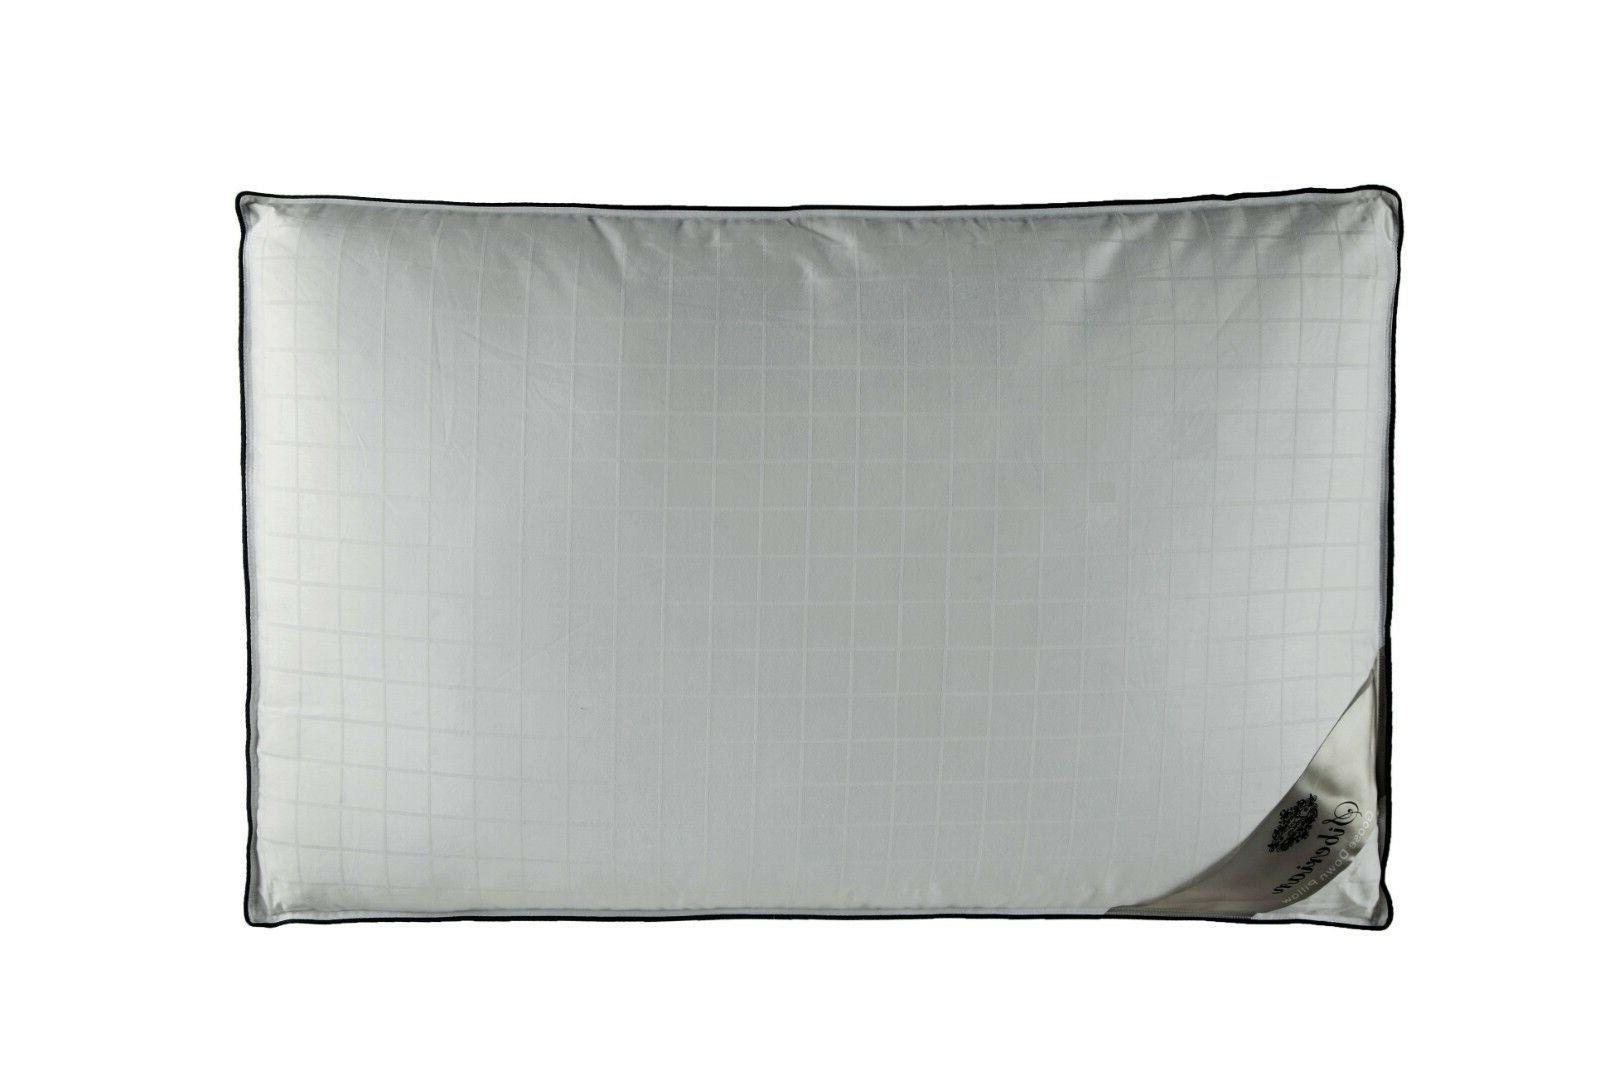 100% Pure Down Pillows Quality - High Pillows